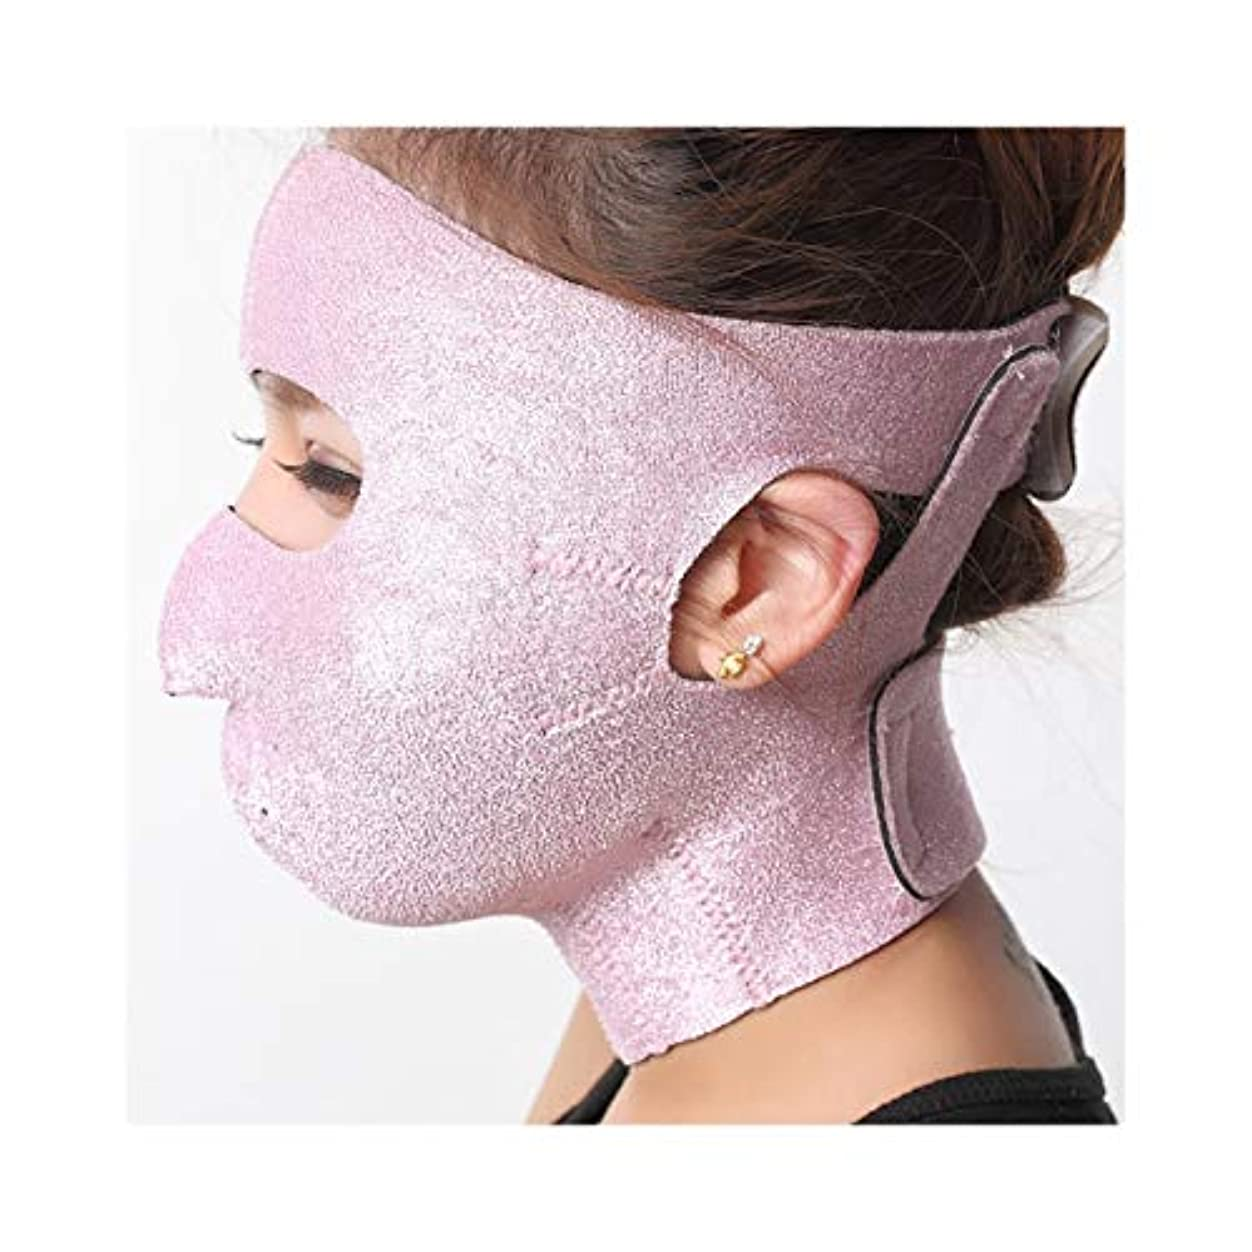 提供する顎時制GLJJQMY 引き締めマスク小さなVフェイスアーティファクト睡眠薄いフェイス包帯マスクと引き締めマスク引き締めクリームフェイスリフトフェイスメロン 顔用整形マスク